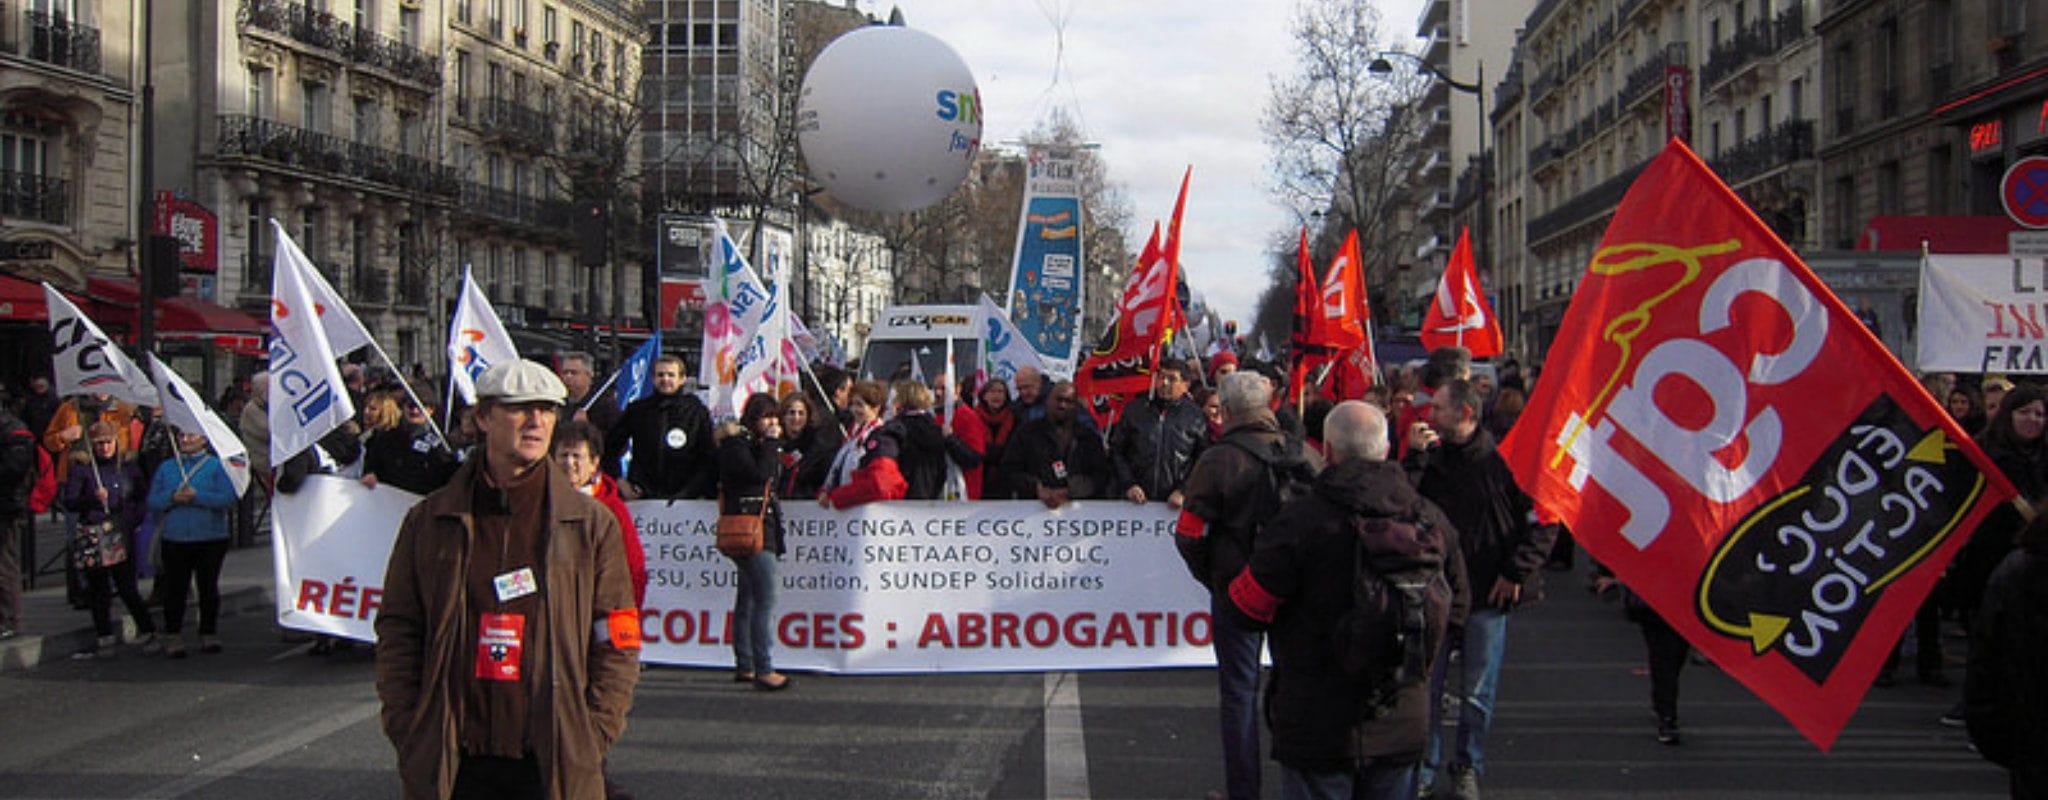 Journée d'action de la CGT et manifestation mardi 5 février